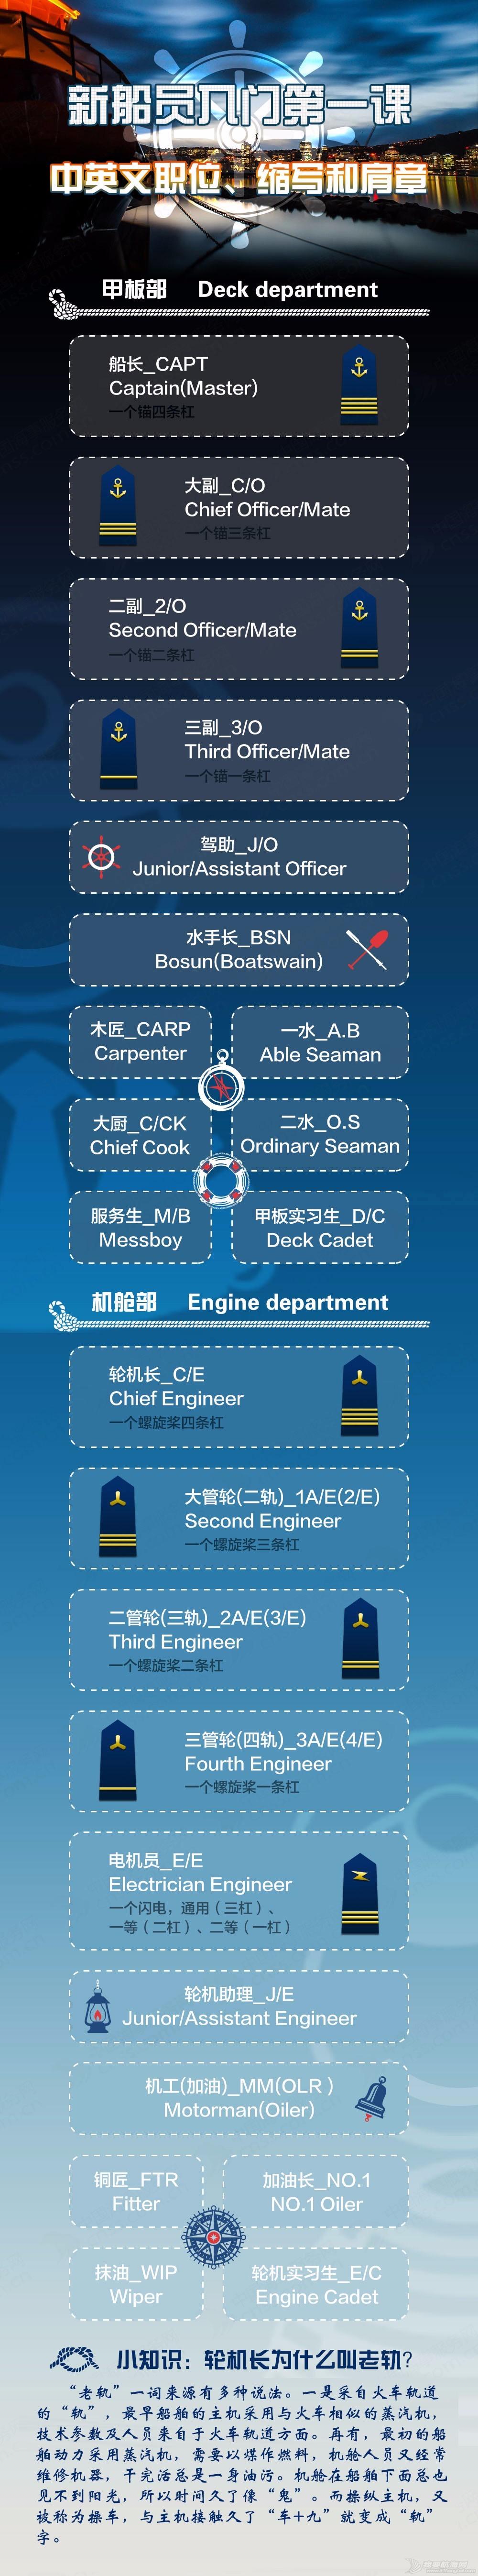 【图解】船员中英文职位、缩写和肩章都有哪些意义? 082ab37764f3c94701bbb2d32339c50a.jpg